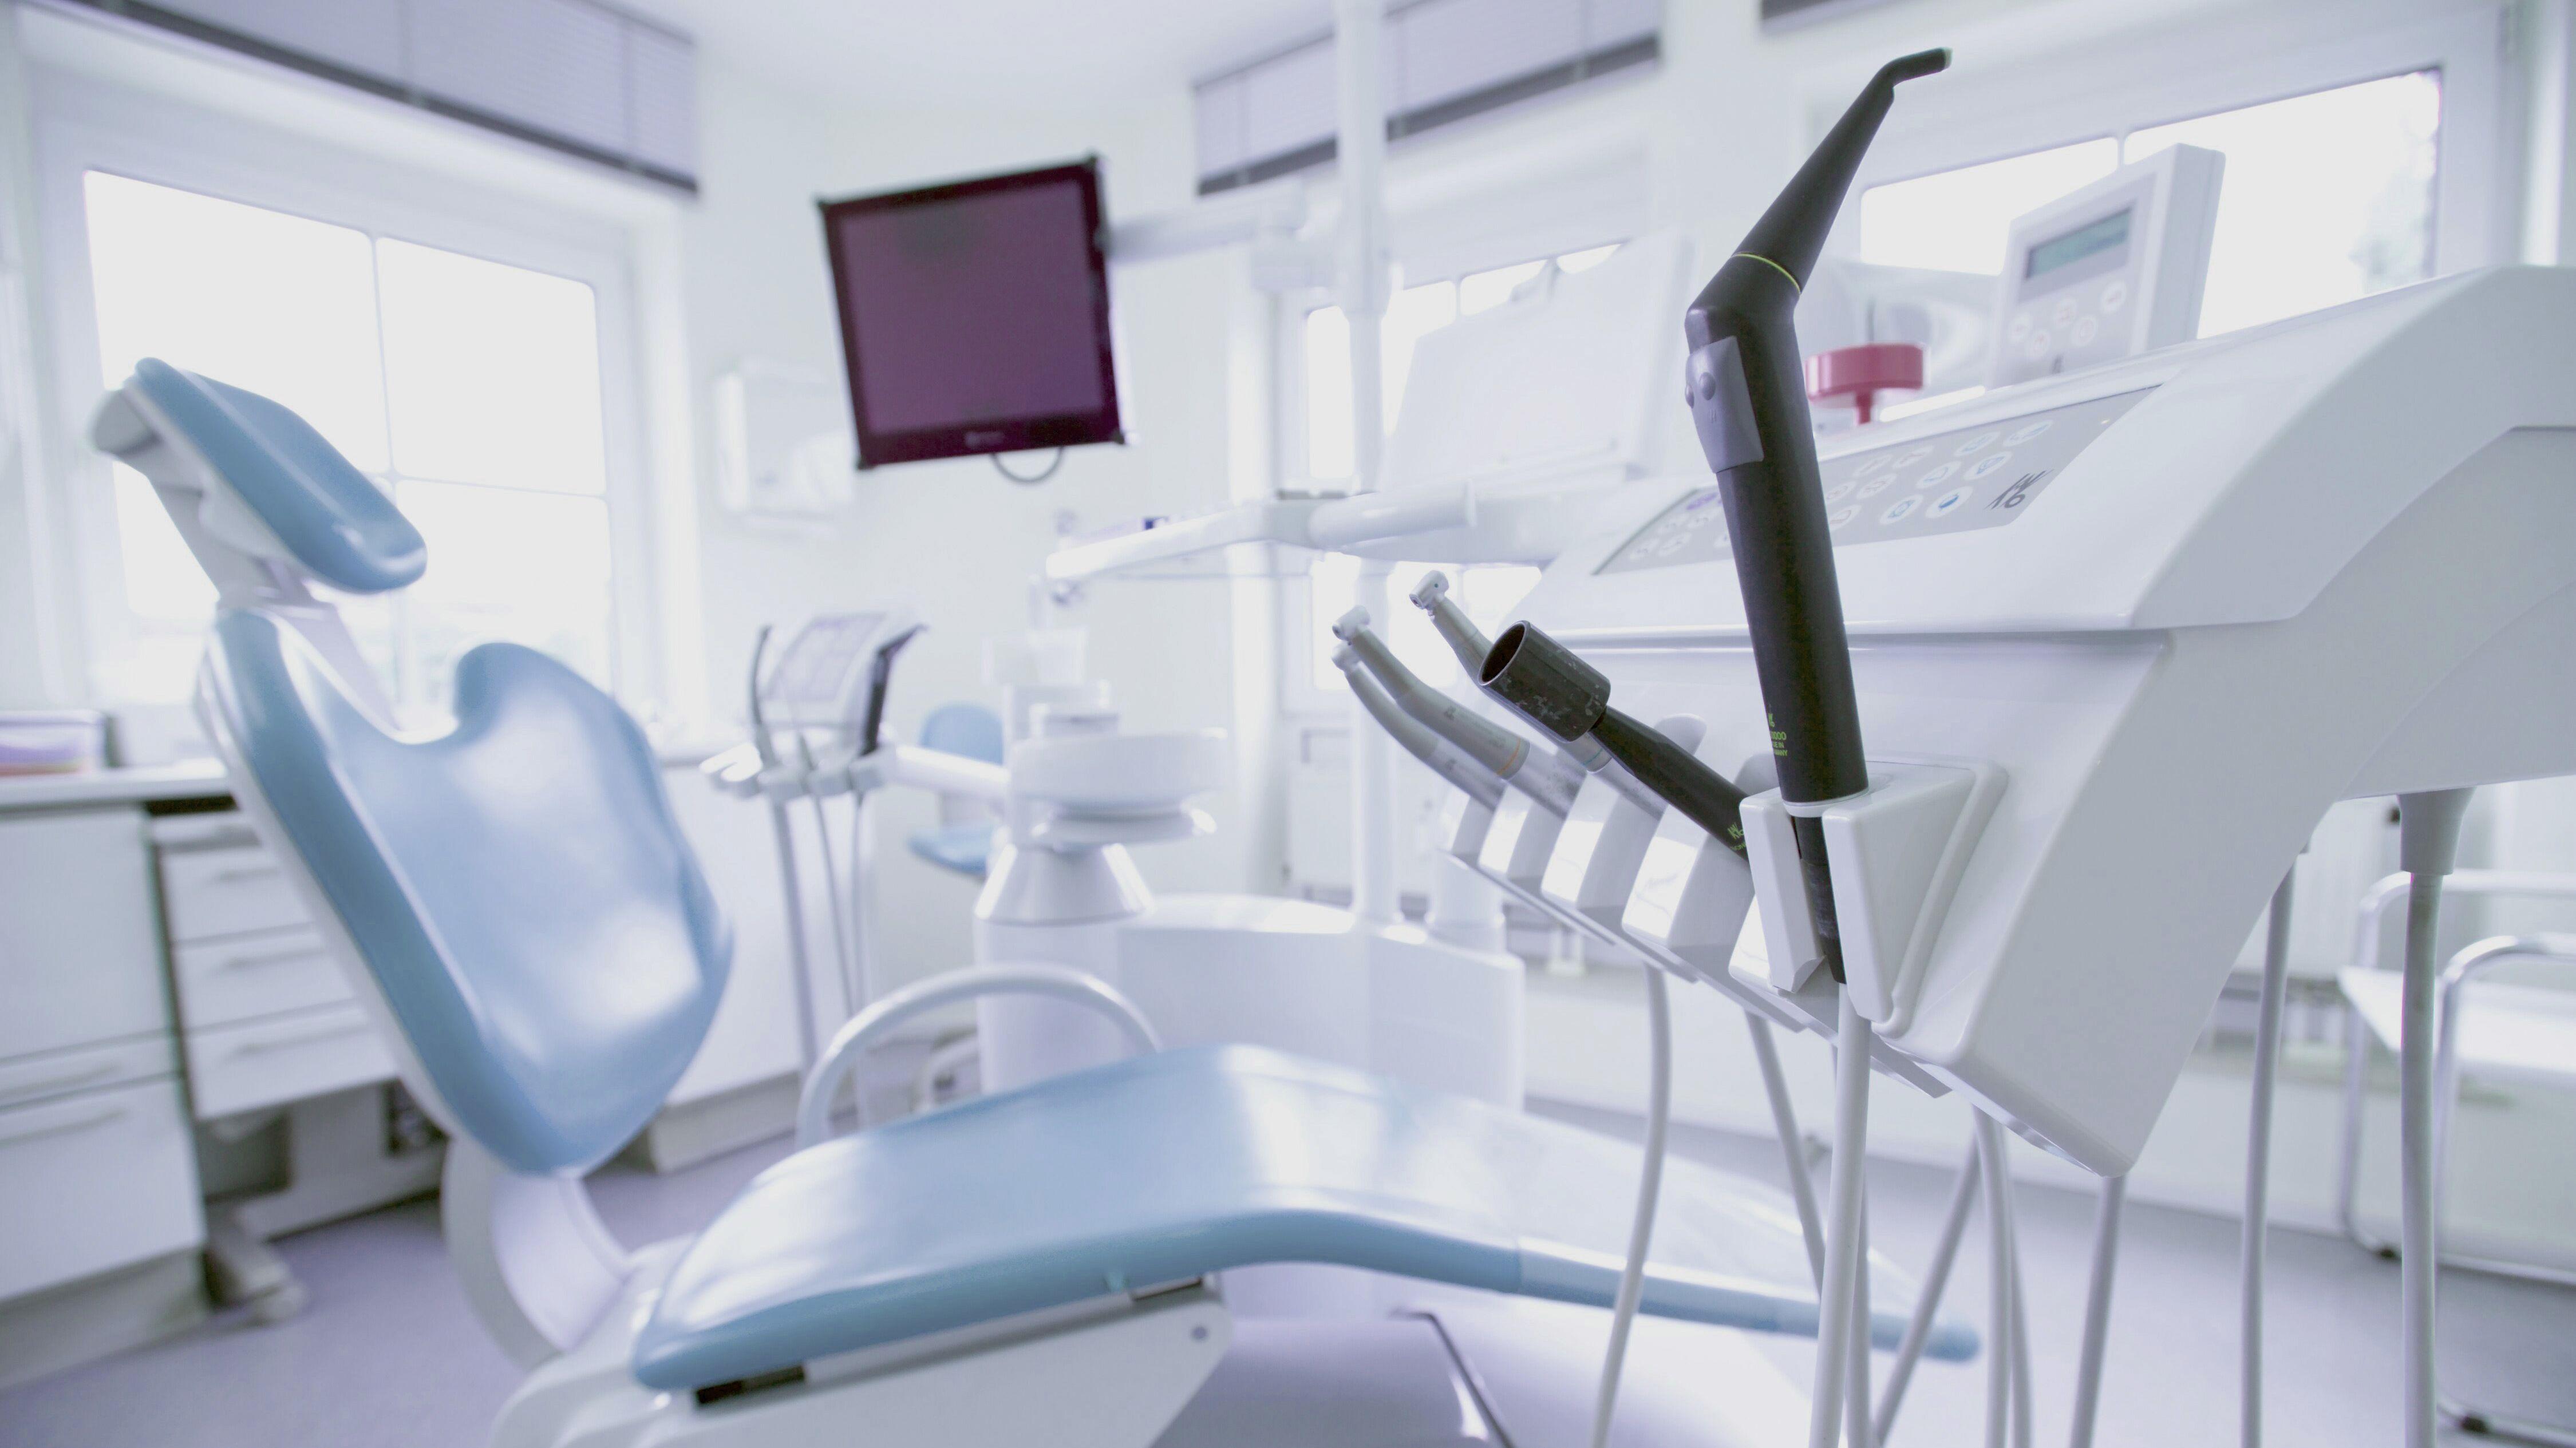 Zahnarztpraxis: Behandlungsstuhl, Instrumente